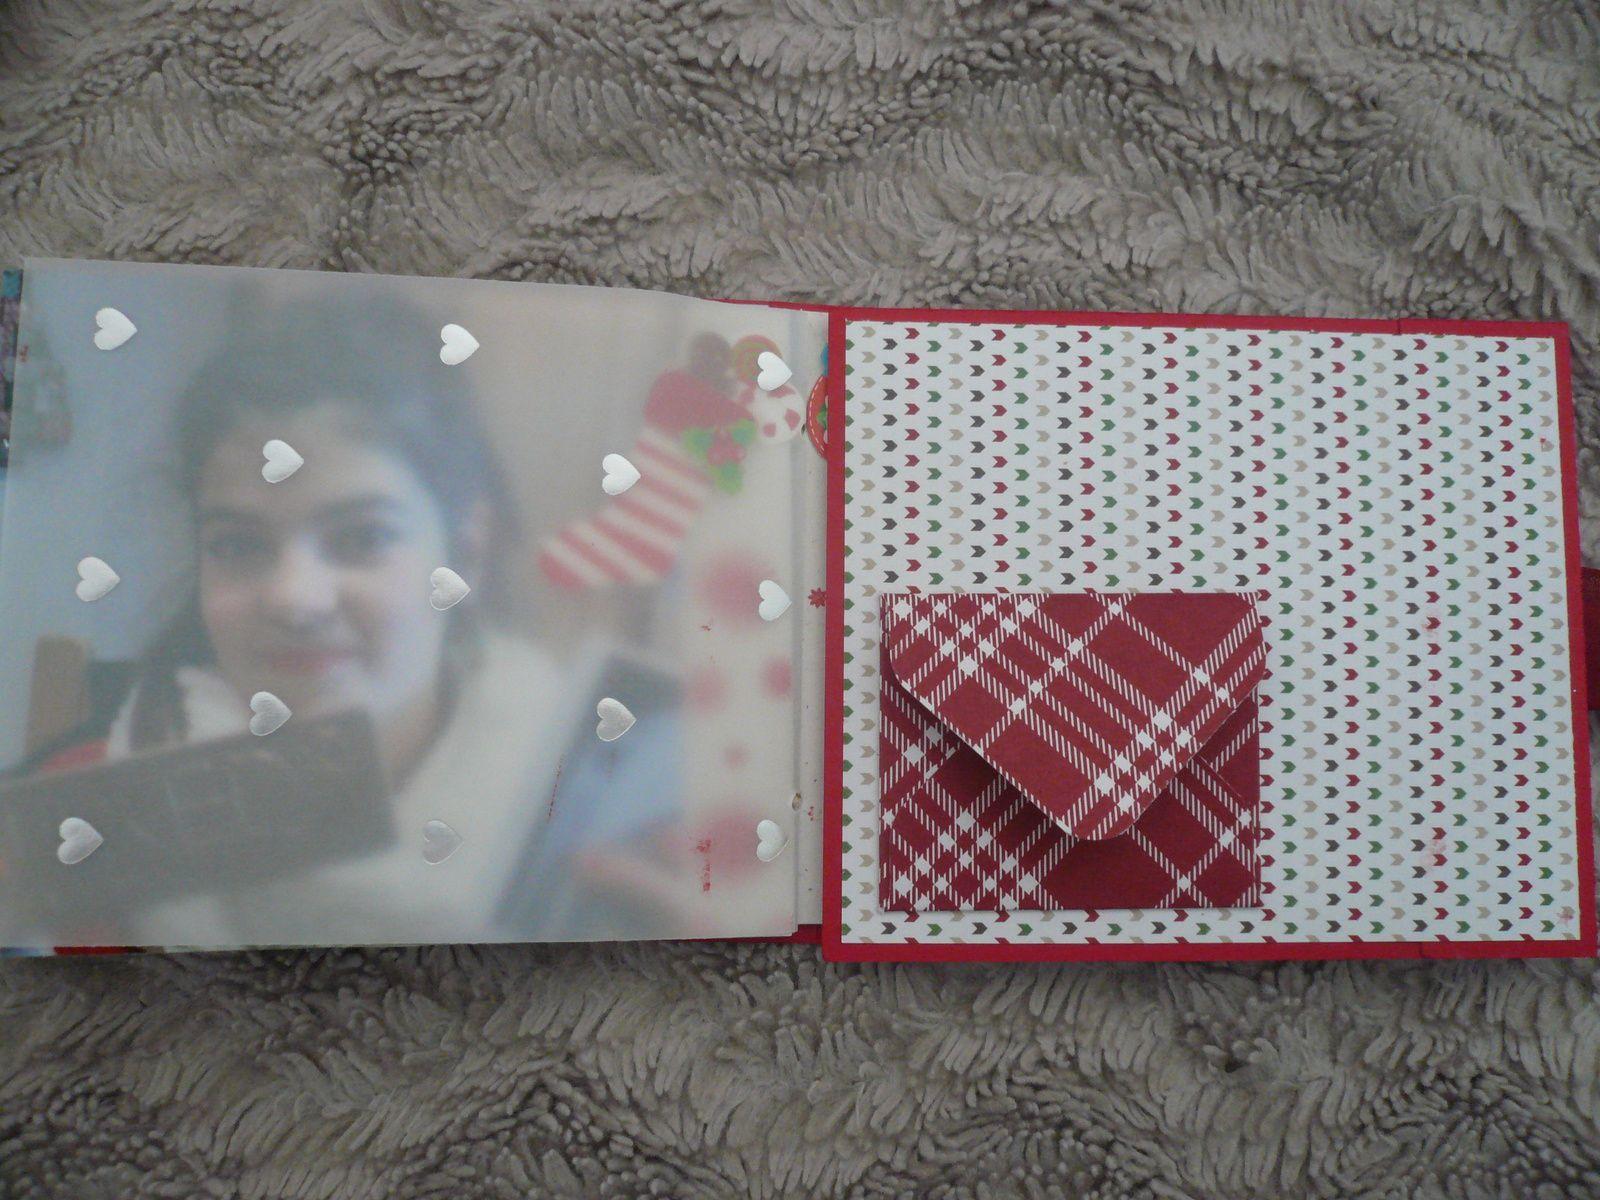 un rabat à pochette secrète, ici un petit livre d'or de Noël et un papier velin qui dissimule un peu une photo